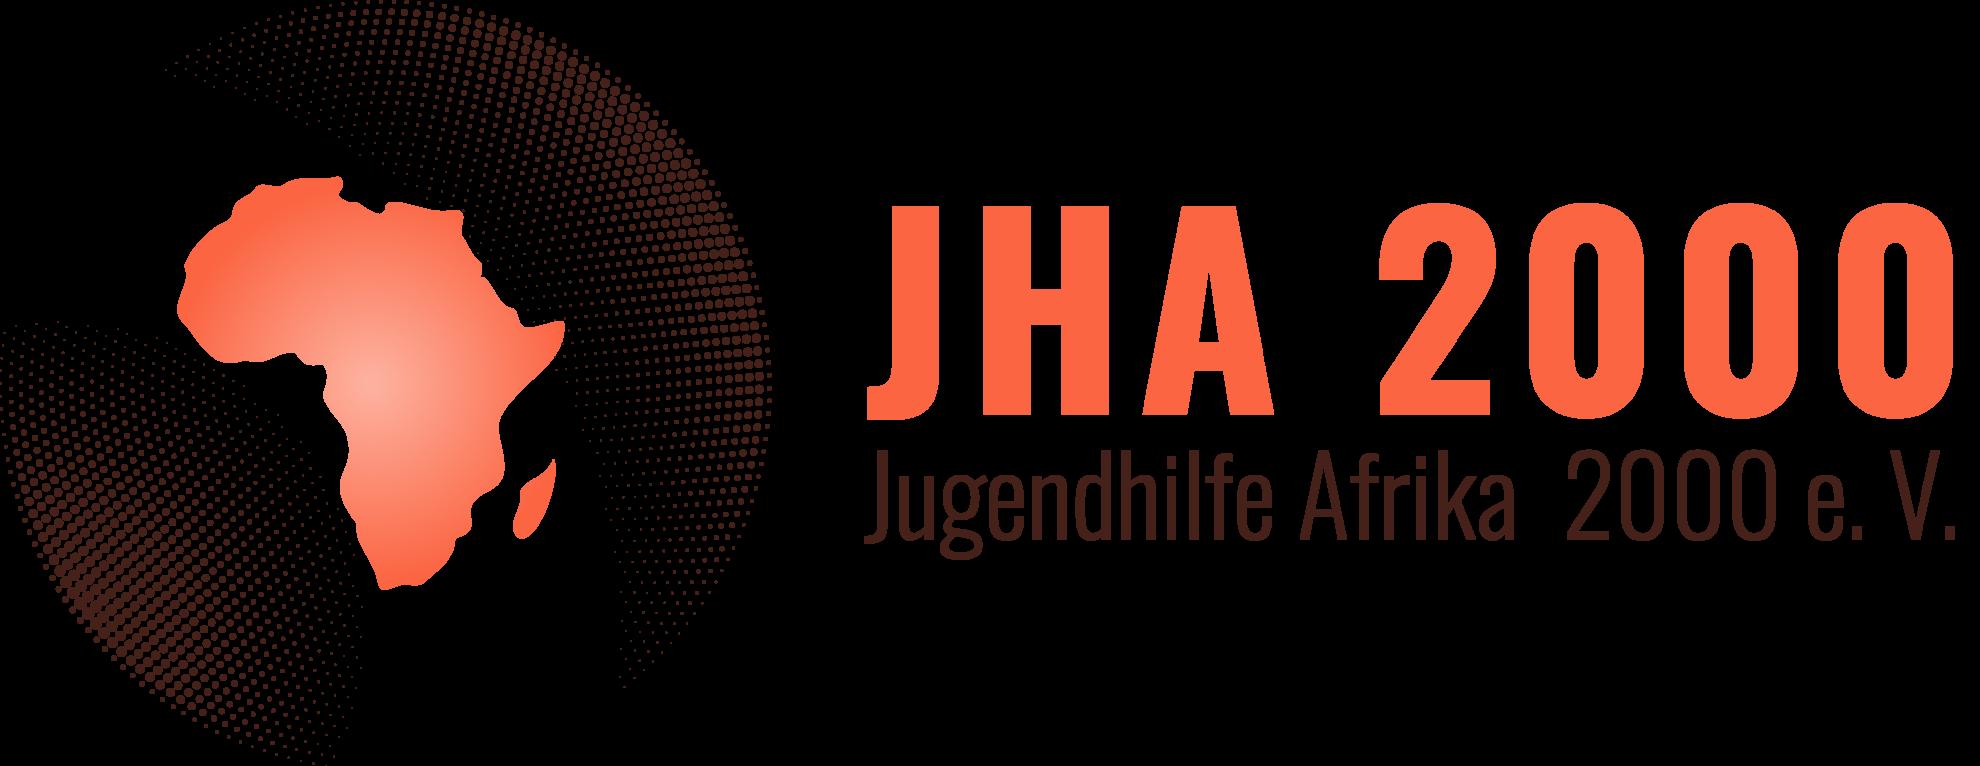 Mikroprojekt-Förderung mit JHA 2000 e.V.